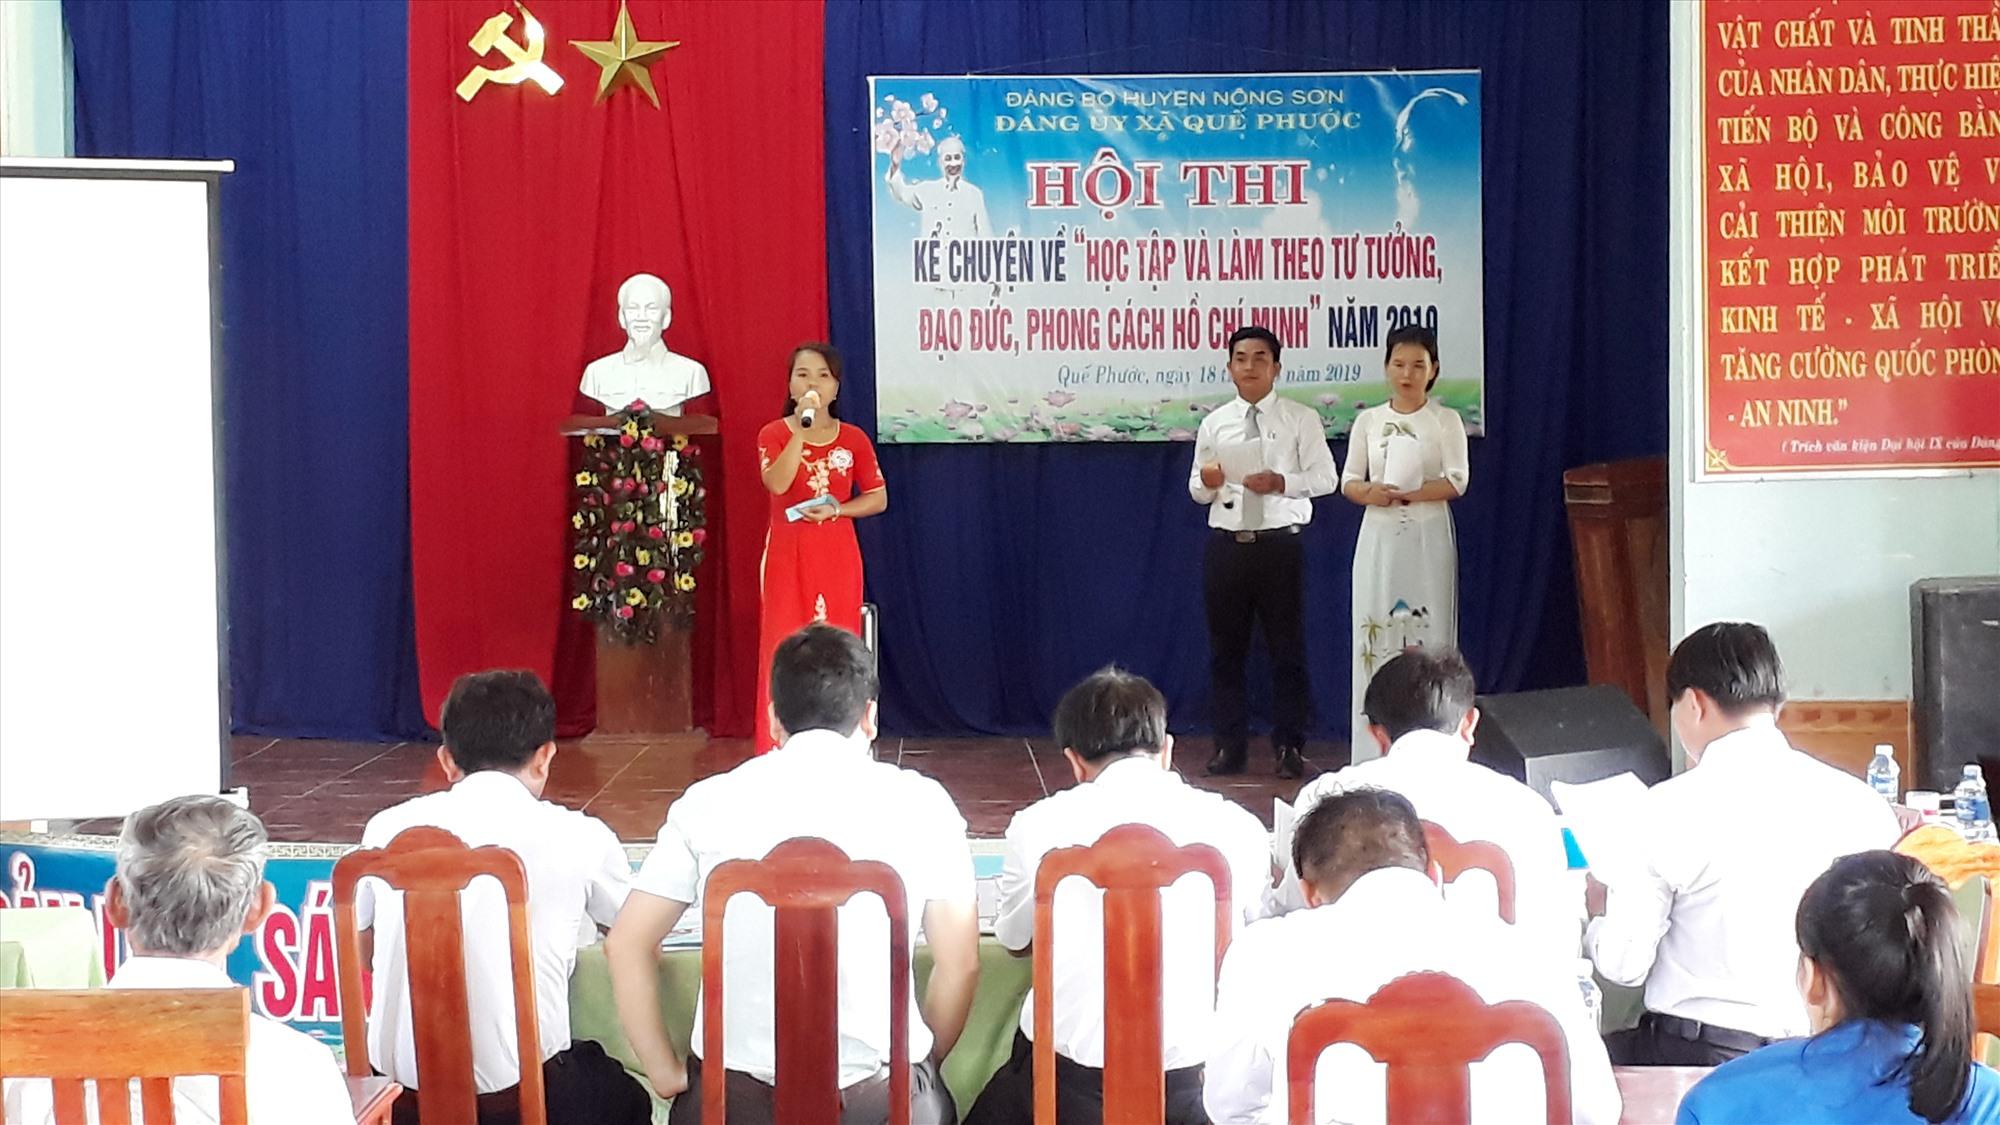 Hội thi kể chuyện Học tập và làm theo tư tưởng, đạo đức, phong cách Hồ Chí Minh ở xã Quế Phước. Ảnh: HOÀNG LIÊN